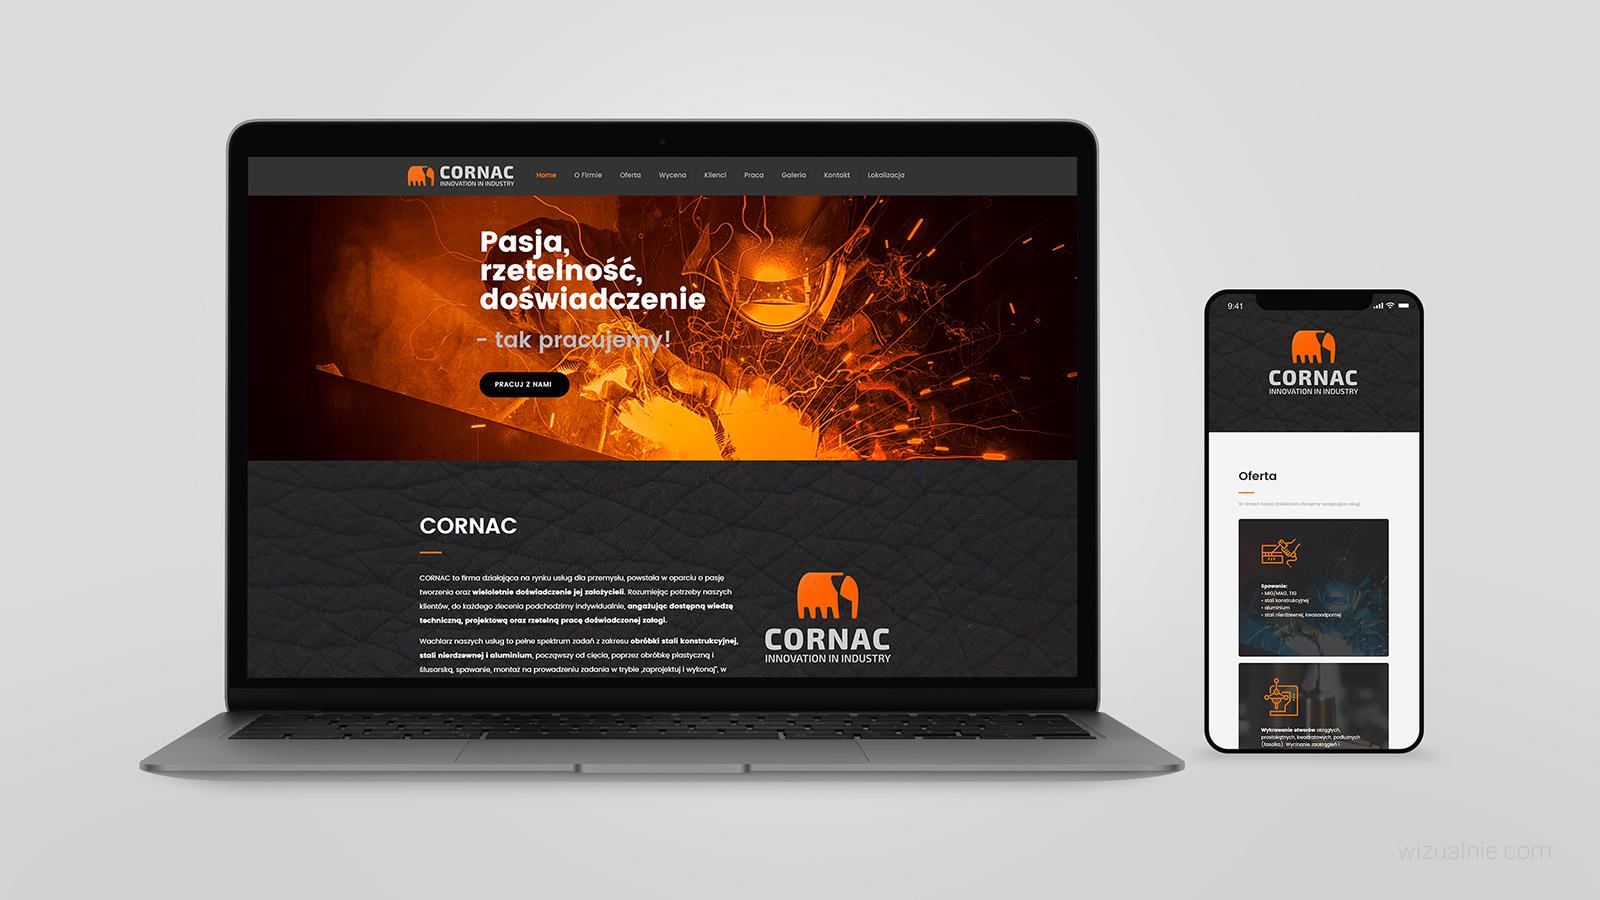 wizualnie-portfolio-cornac-web-06